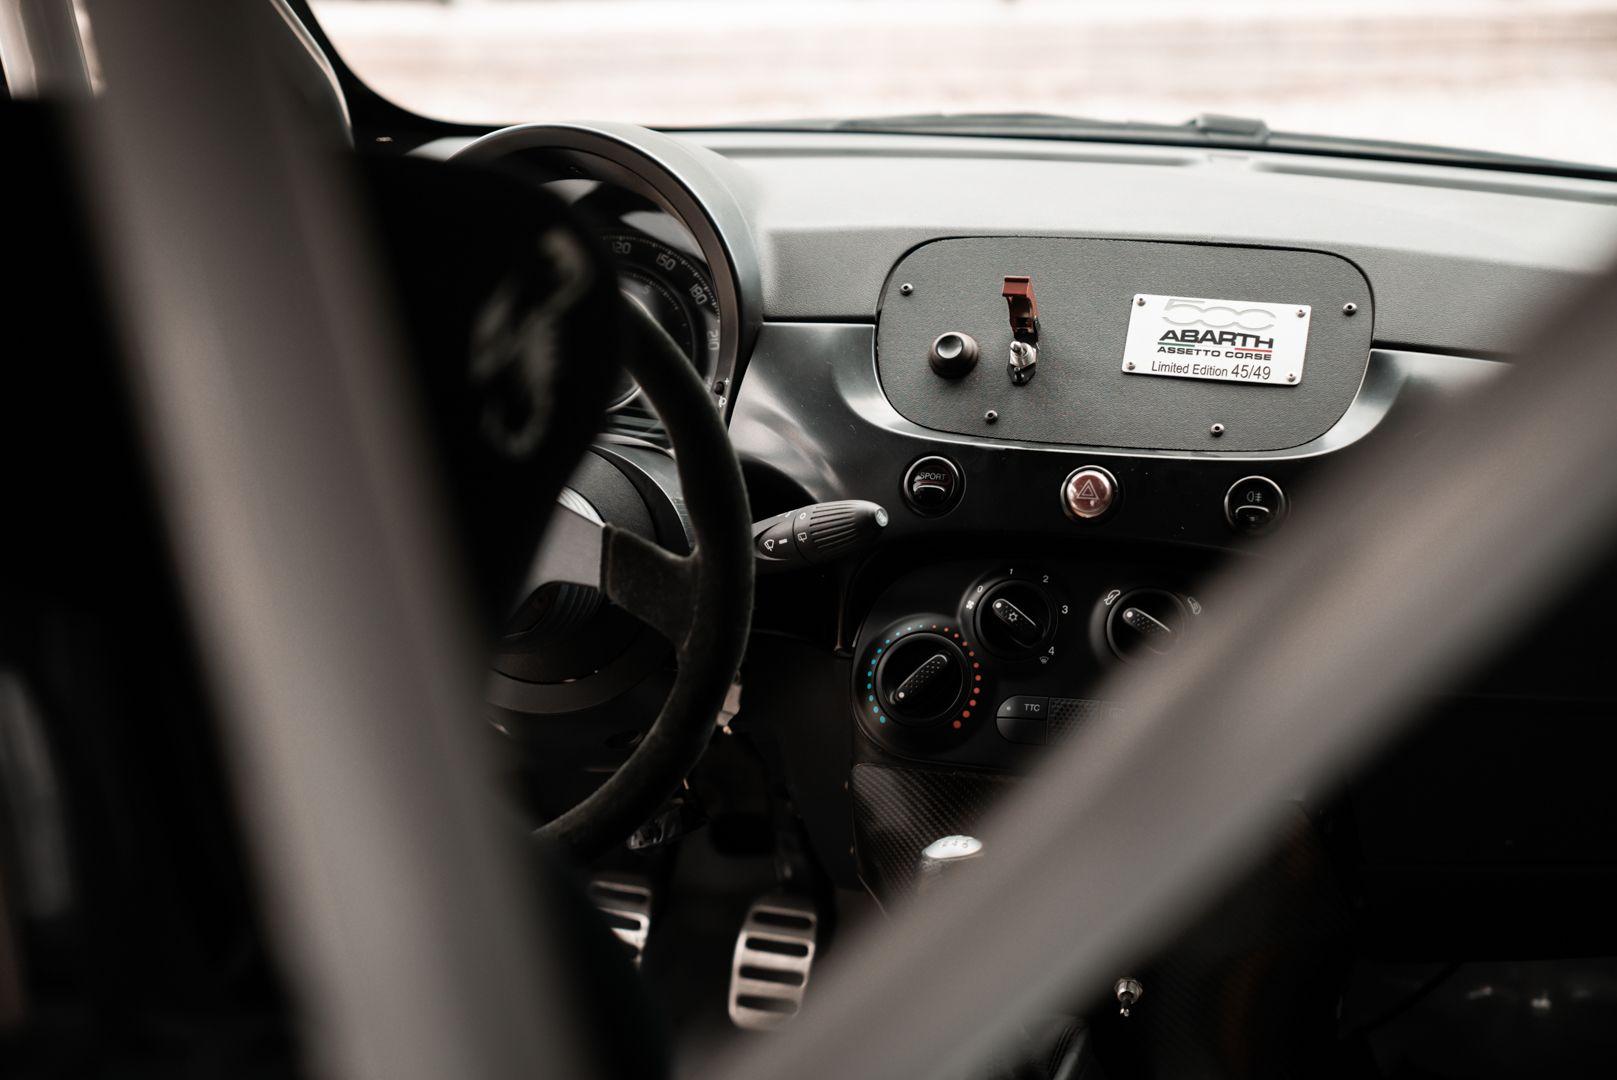 2008 Fiat 500 Abarth Assetto Corse 45/49 77388